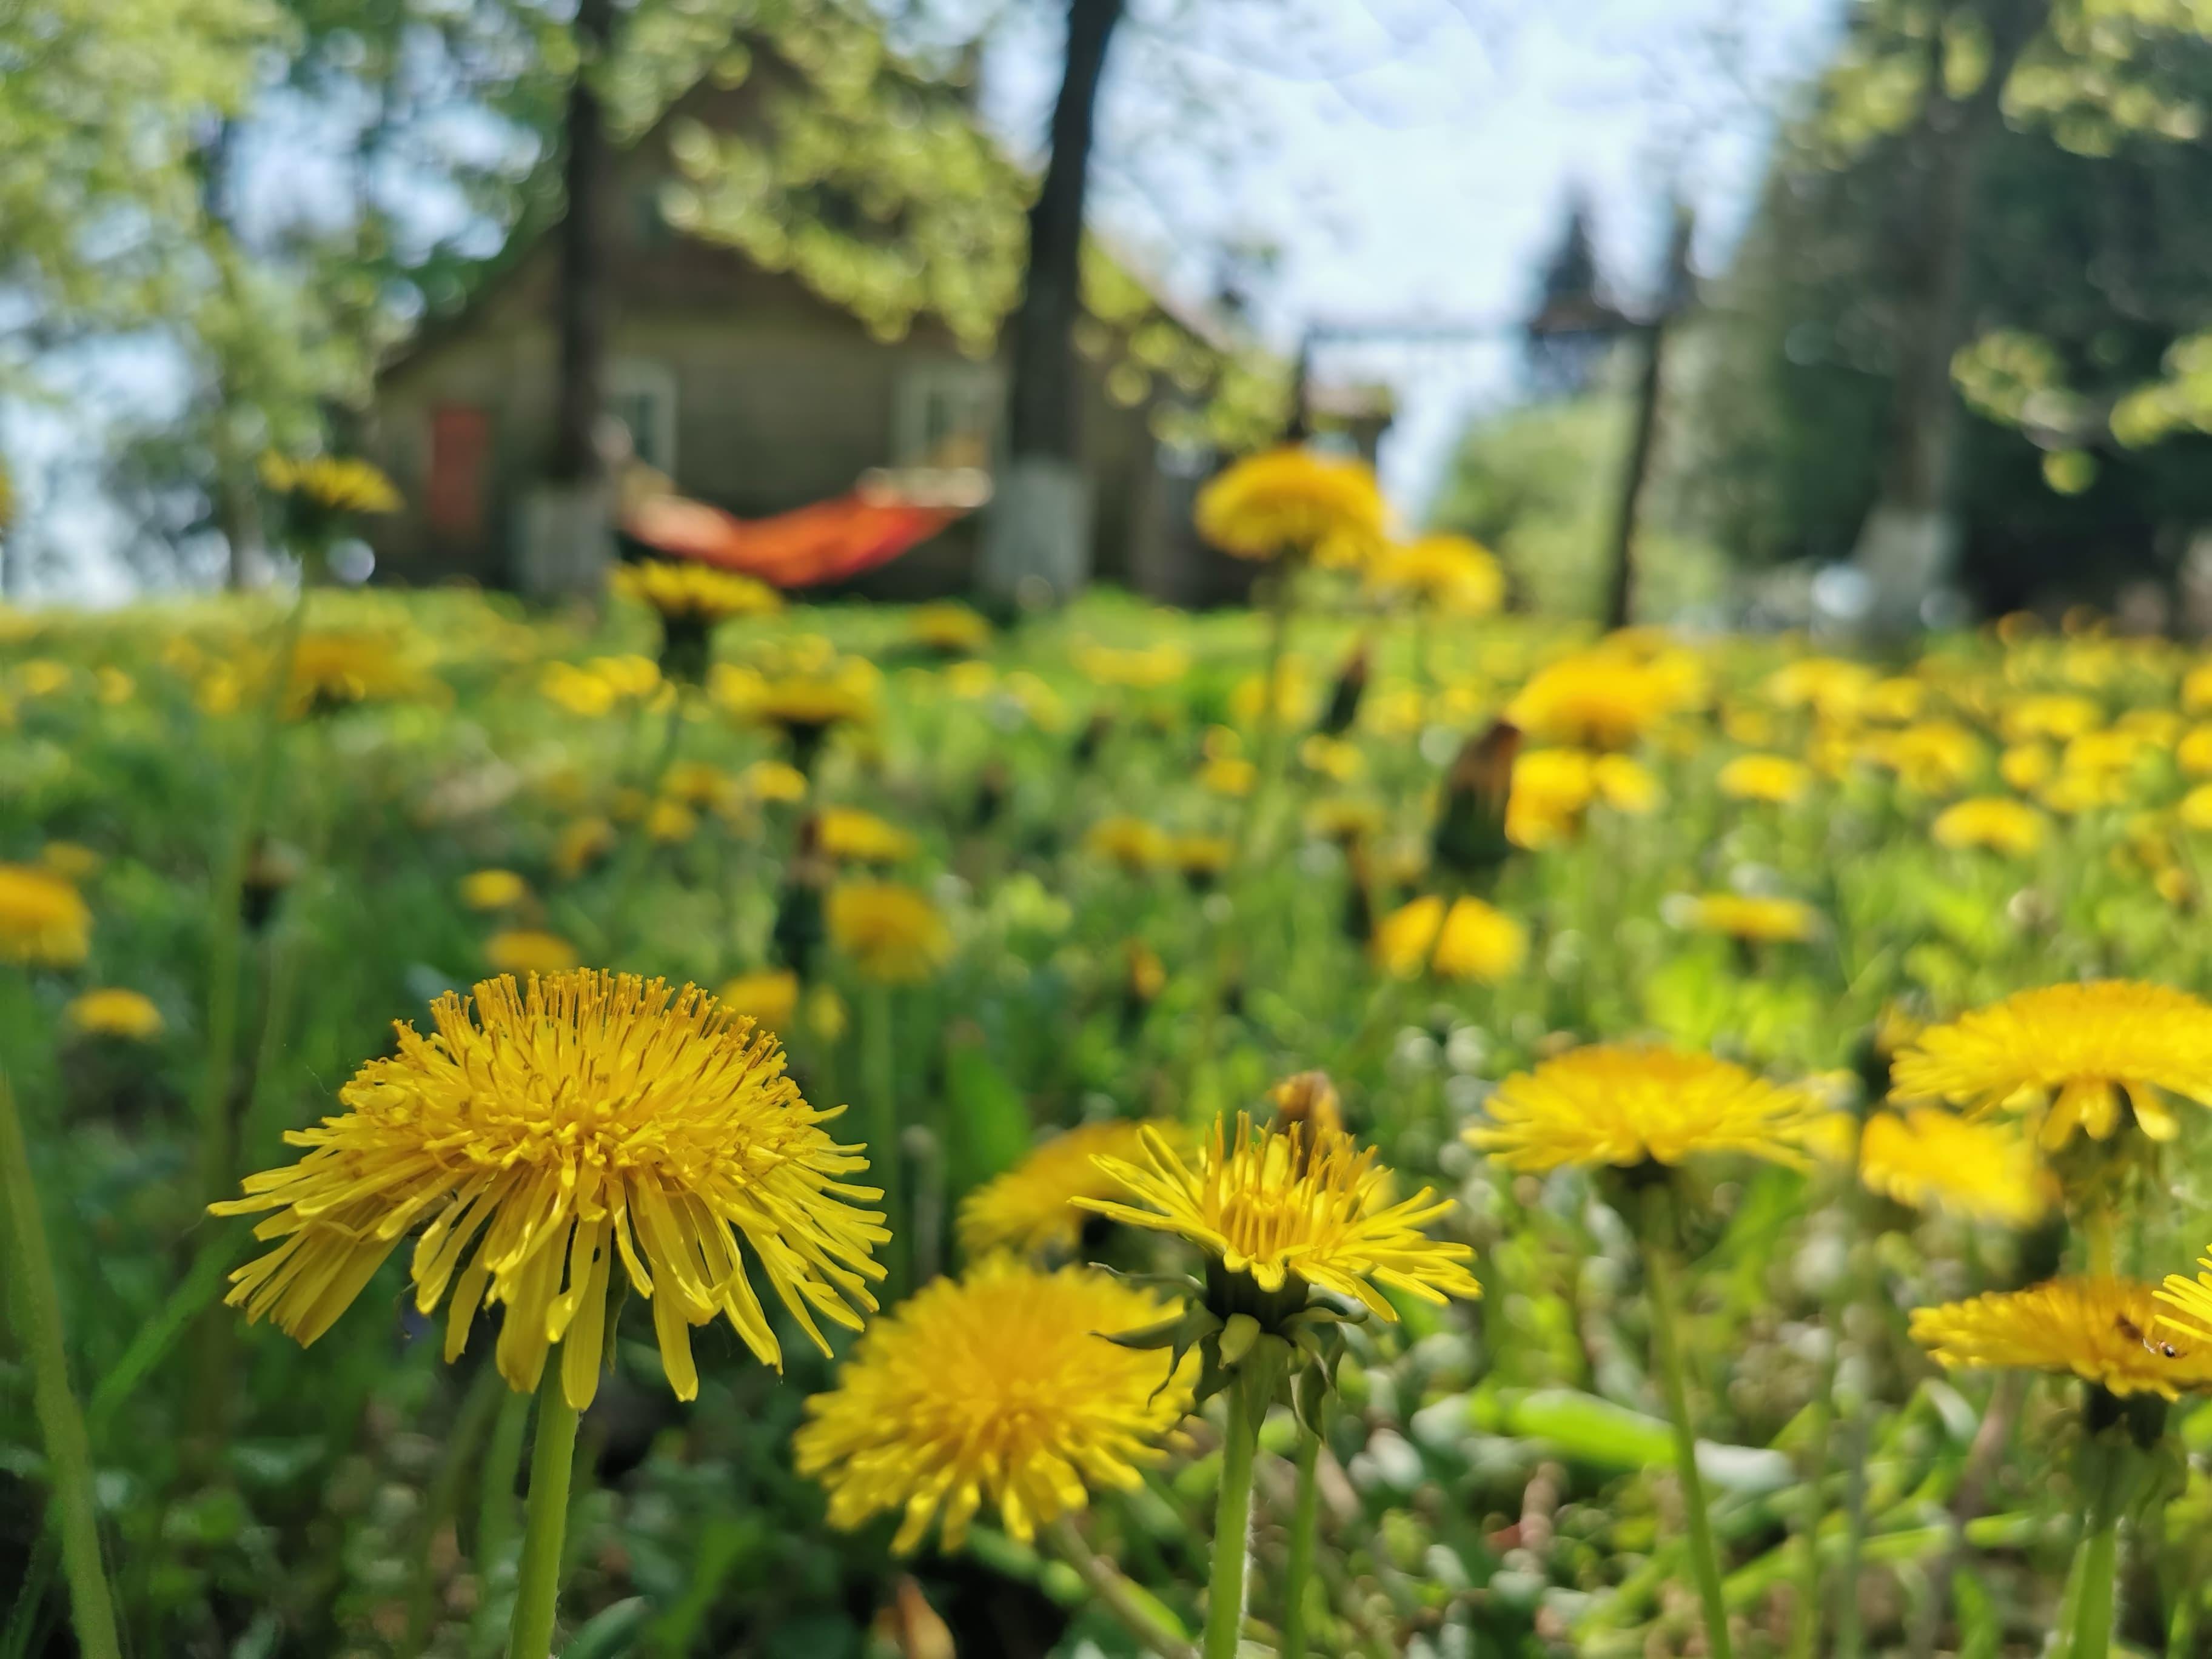 Kiaulpienė – piktžolė ar naudingas augalas?